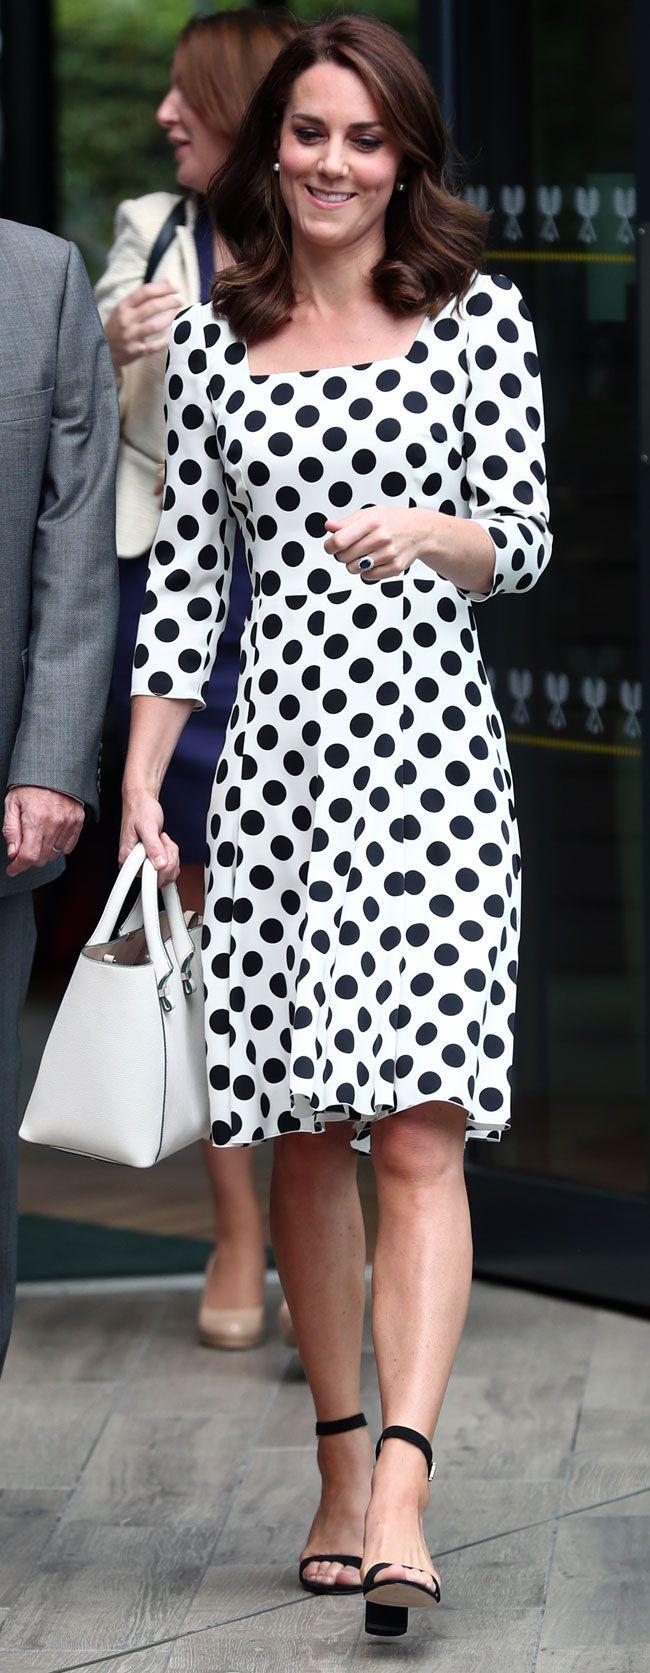 El pasado 29 de junio, en su anterior aparición pública, Kate lucía aún su clásica melena larga, peinado con un semirrecogido, con volumen en la nuca, y ondulada.